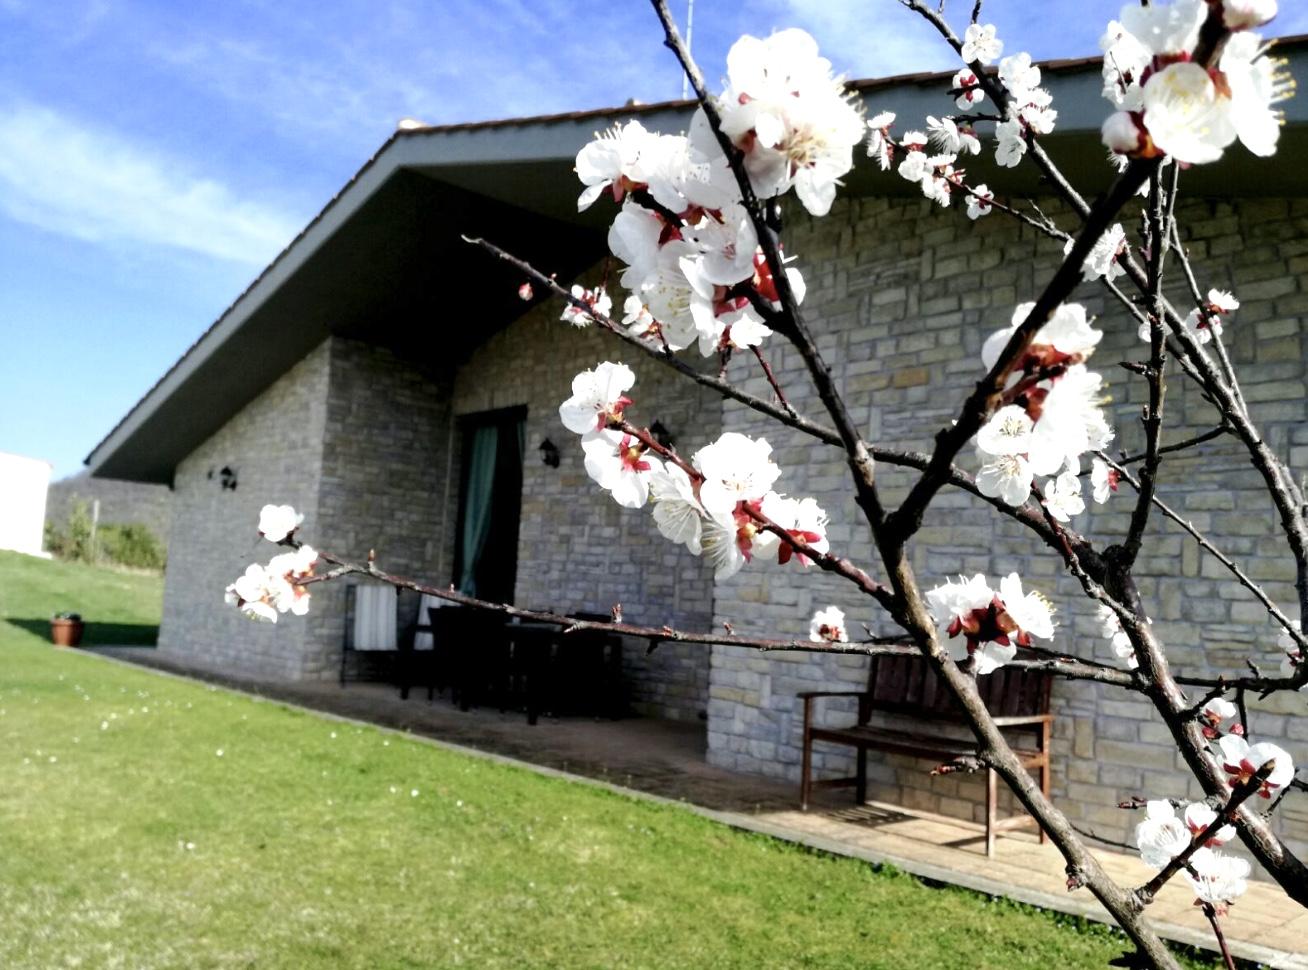 Villa in vendita a Torricella in Sabina, 8 locali, zona Località: OrnaroBasso, prezzo € 300.000 | CambioCasa.it